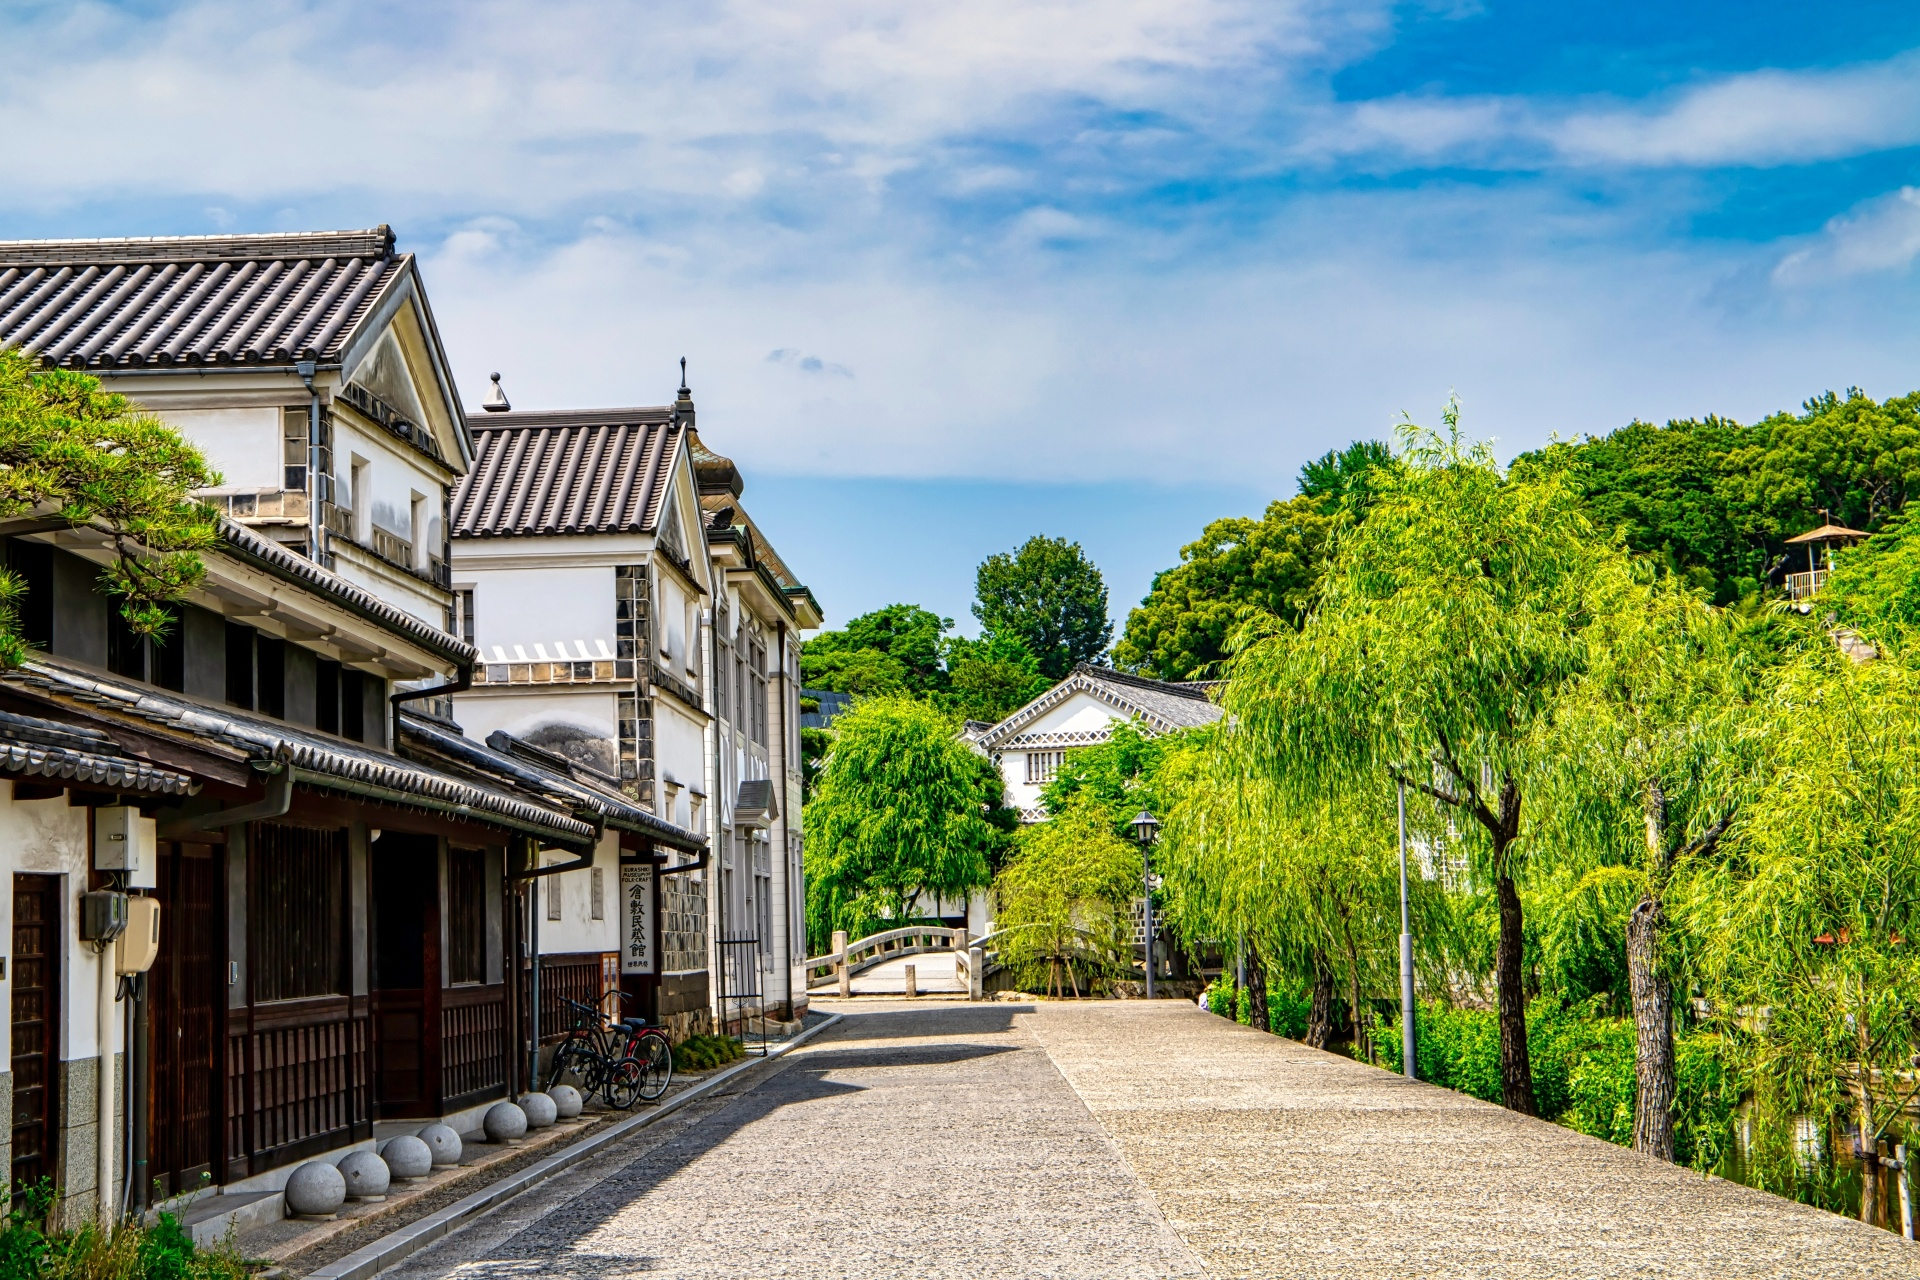 和モノ好きな私にはたまらない!?岡山県の歴史あるお洒落な町並み!2